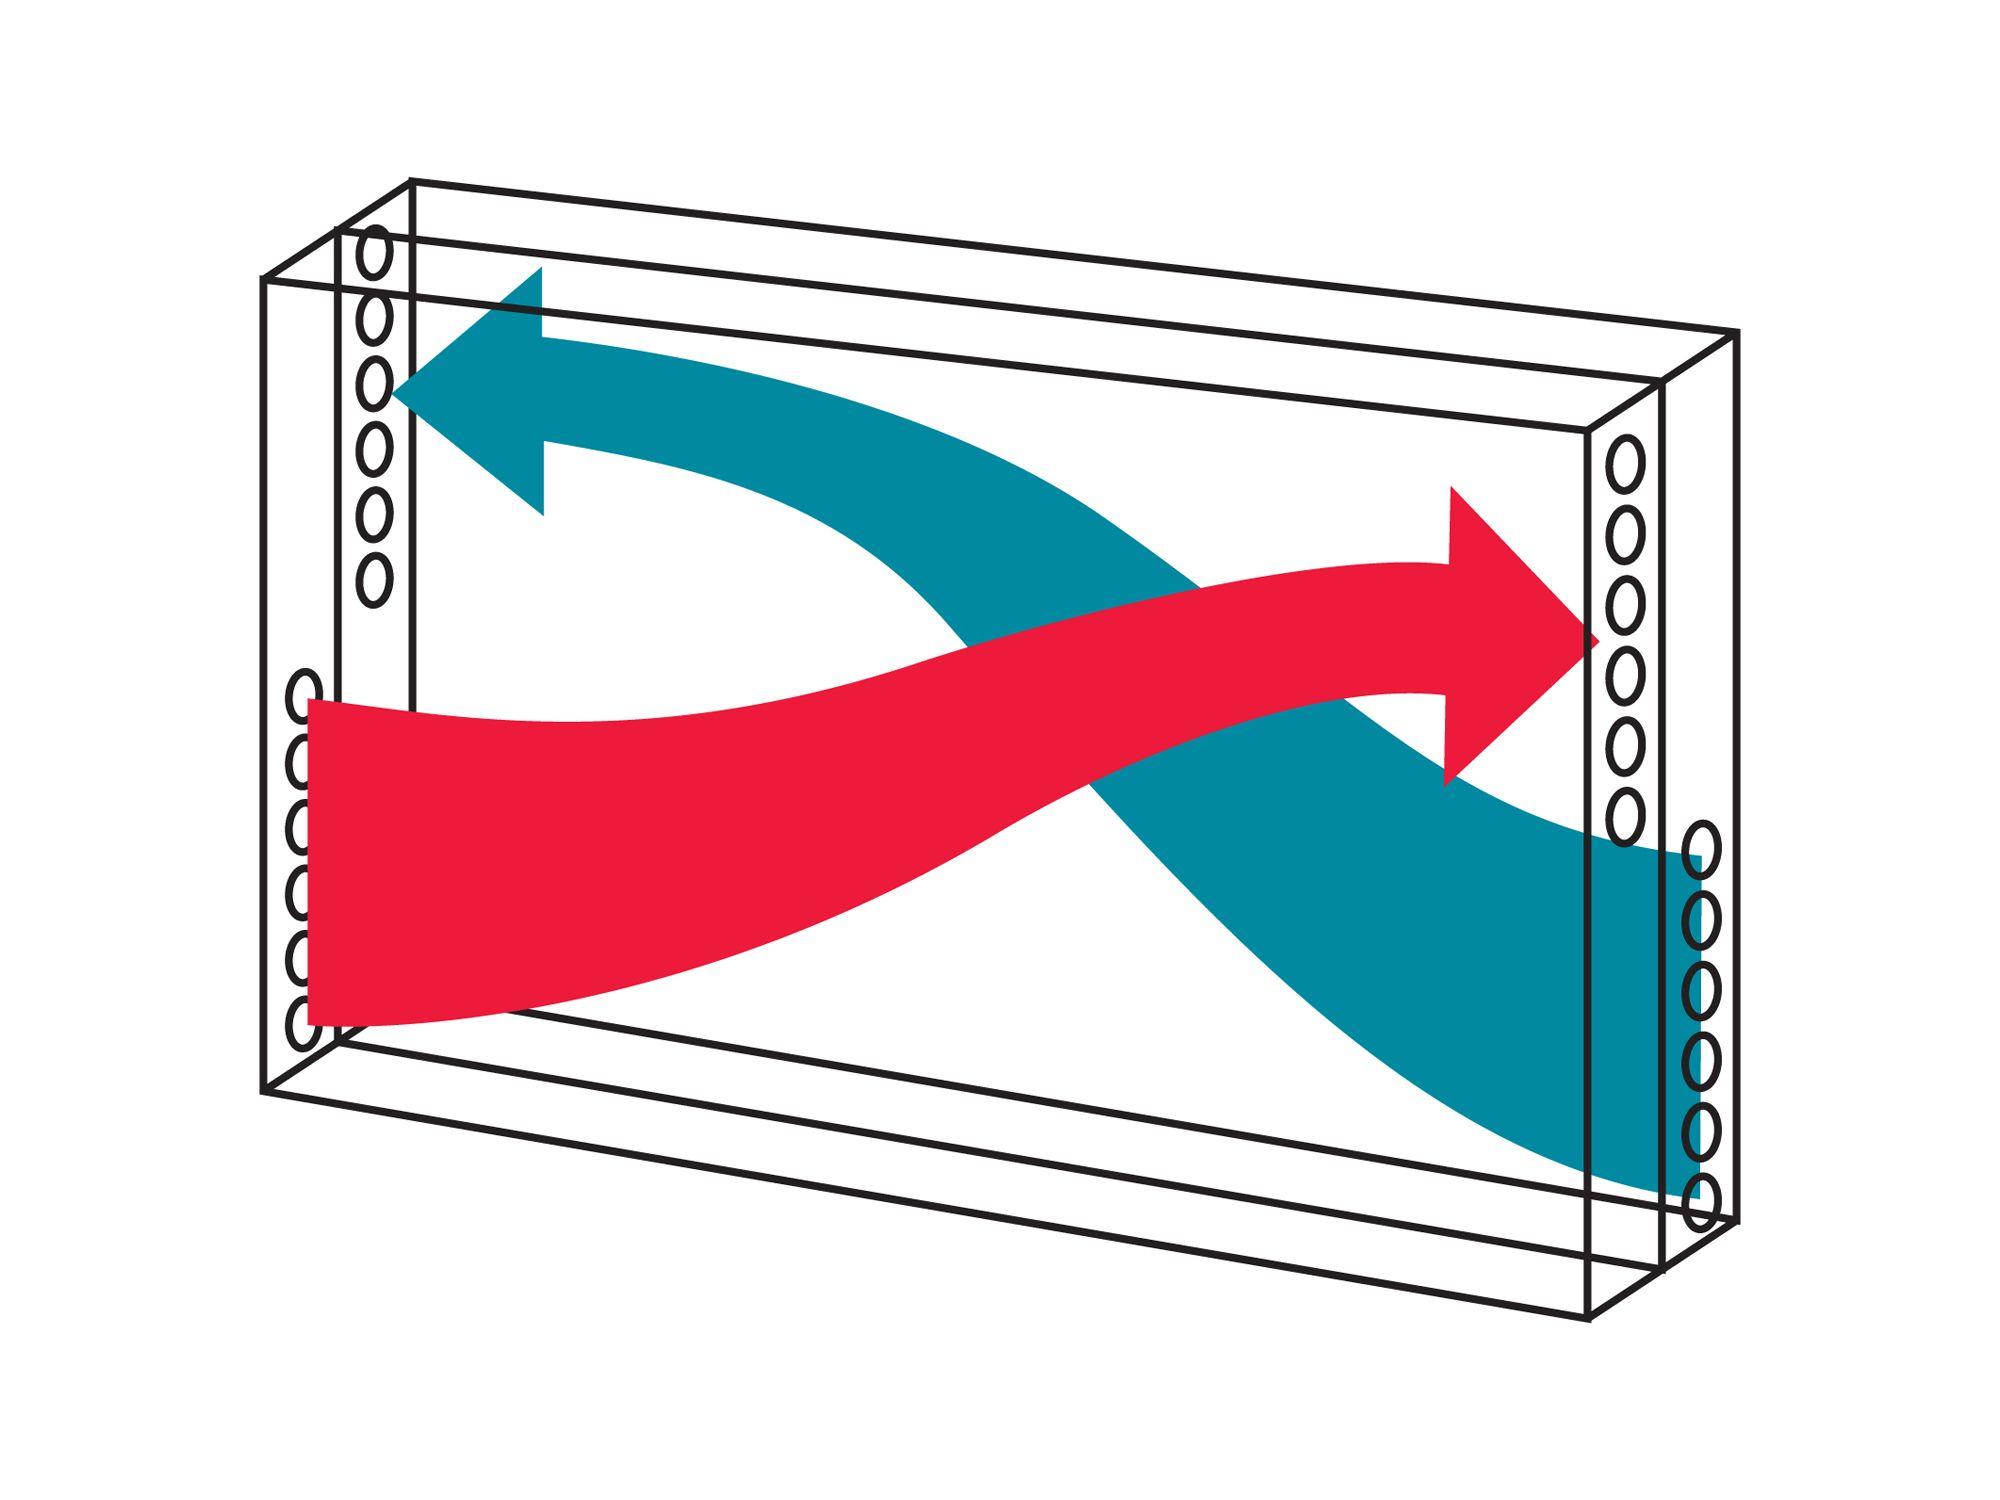 Heat Exchanger Heat exchanger, Heating, cooling, How to